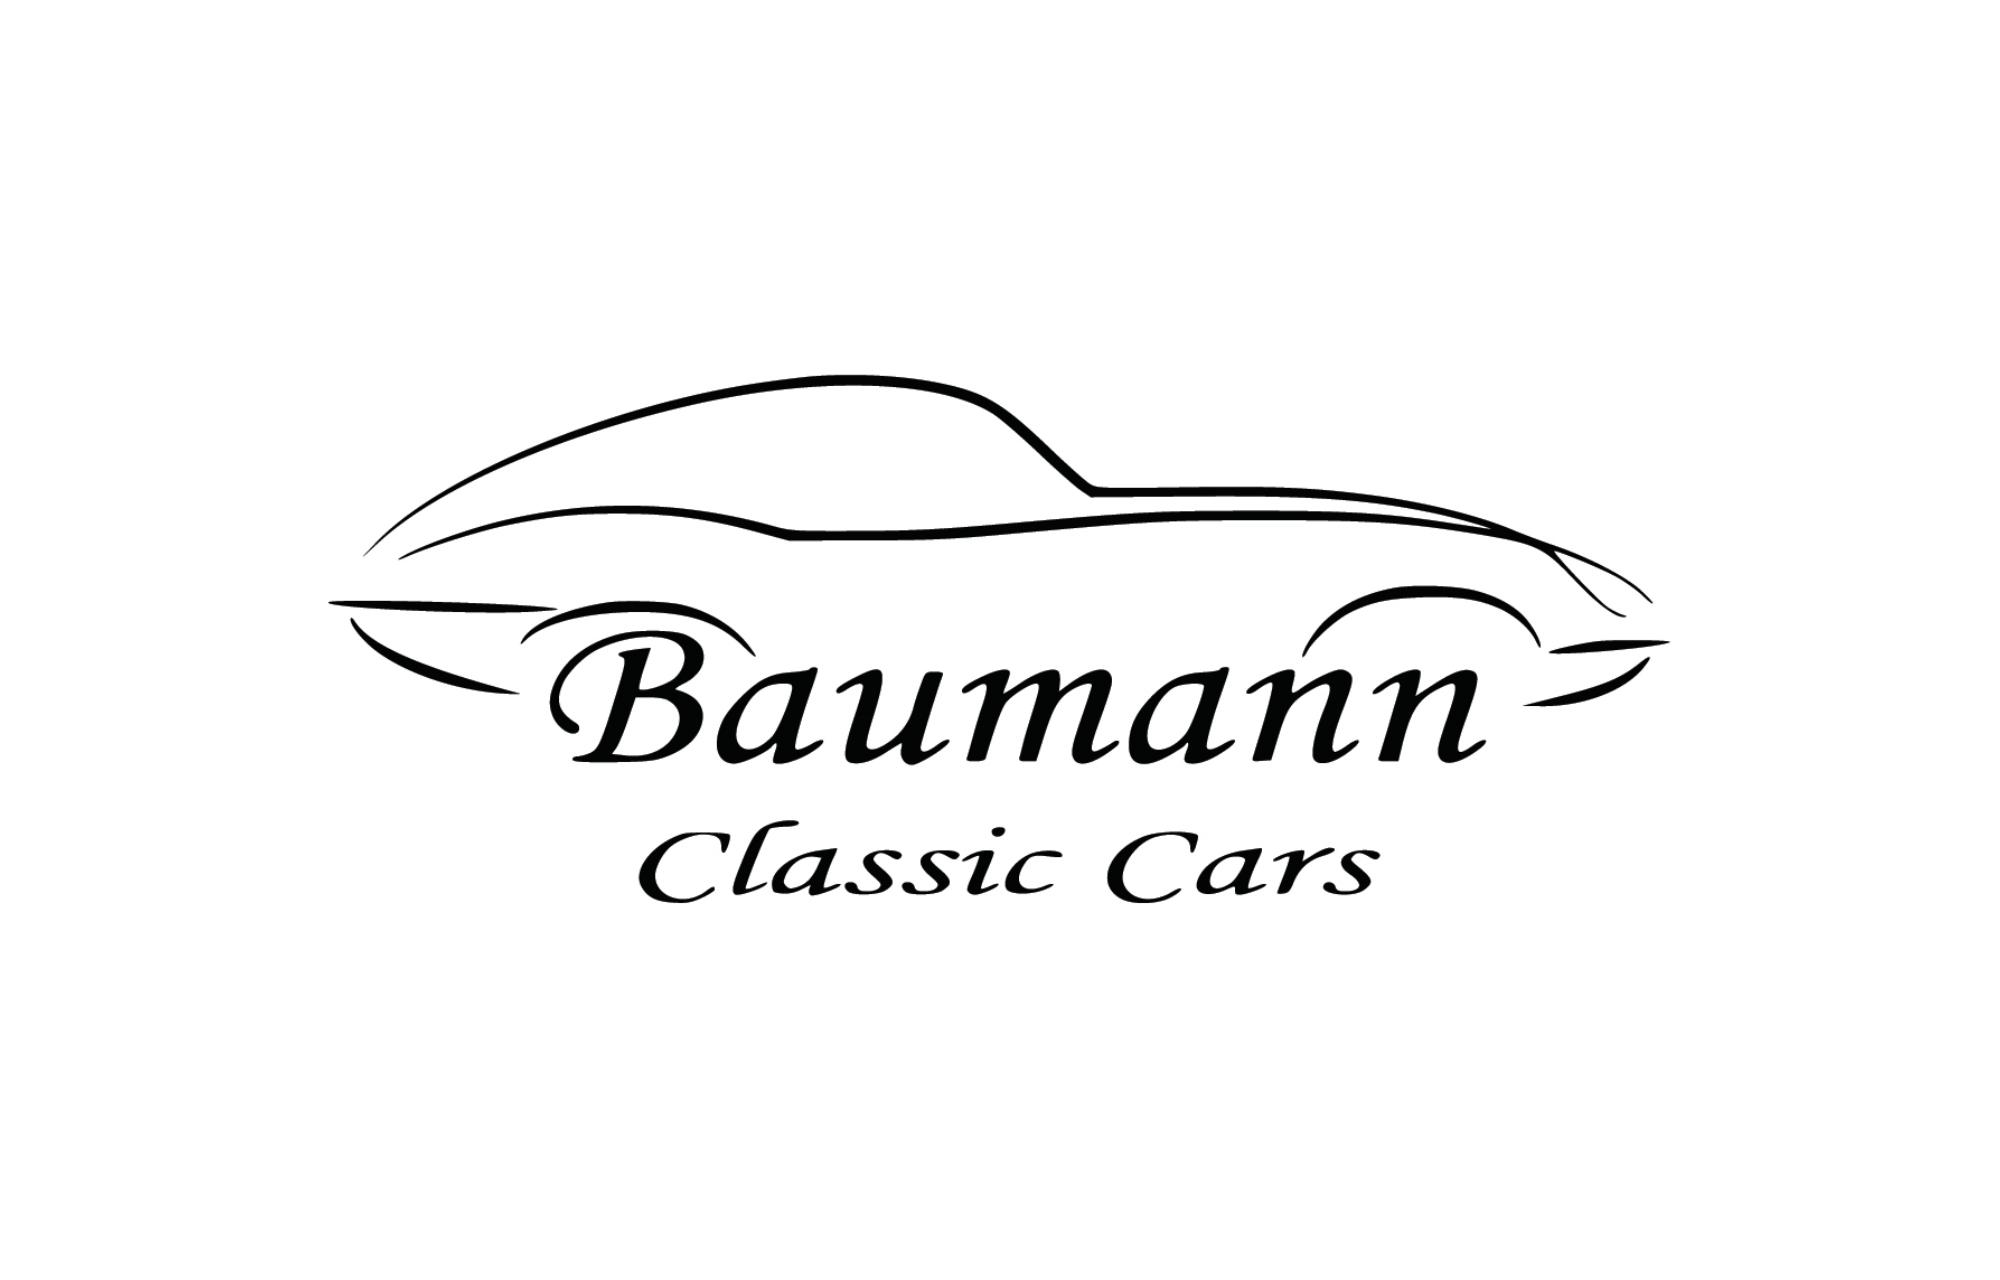 Baumann Classic Cars